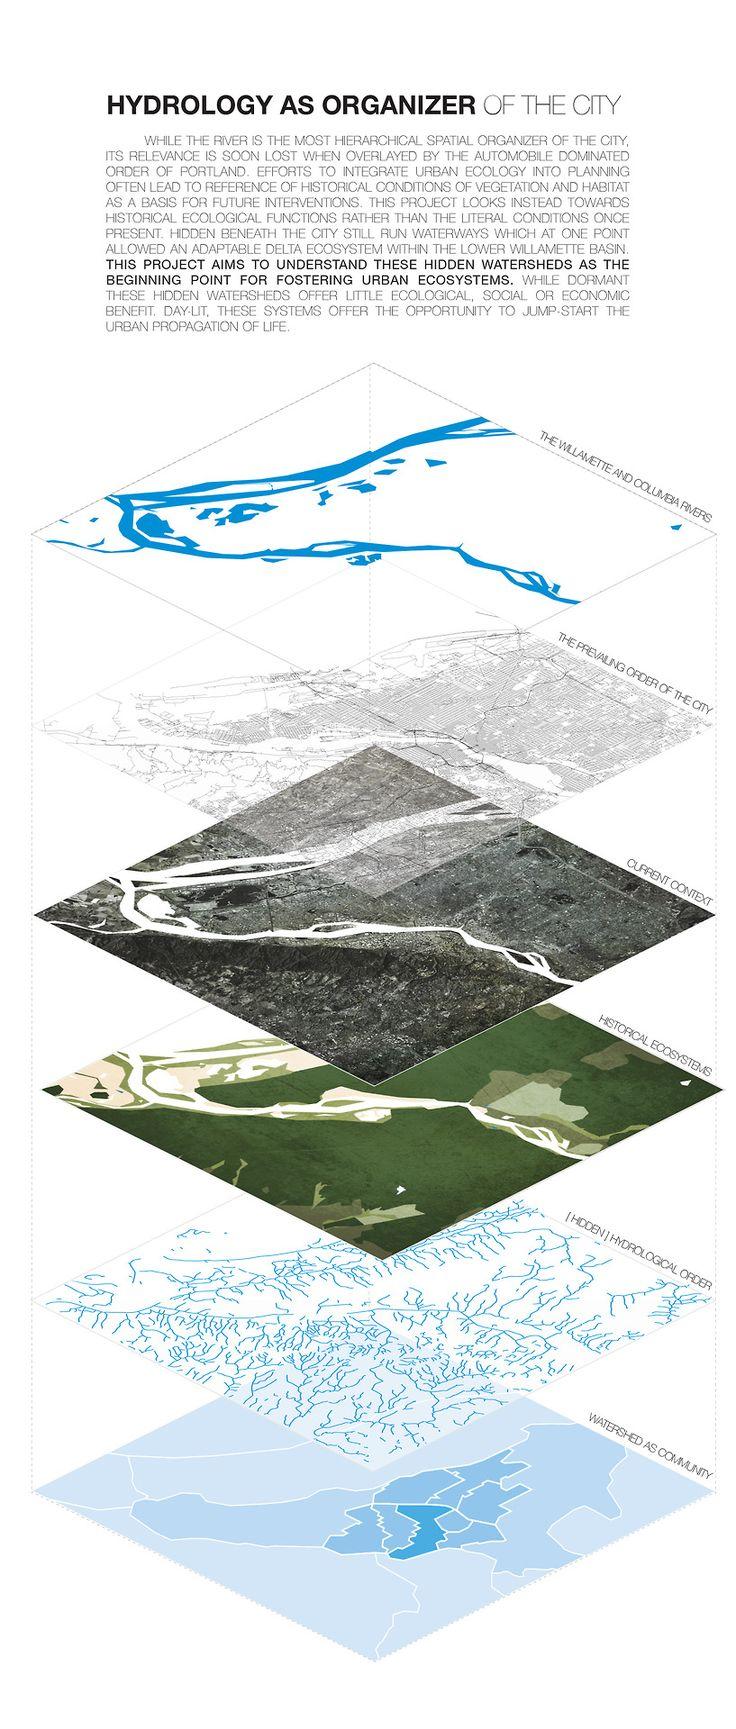 Source inconnue - Confluence de la Williamette river et de la columbia river - Portland, Oregon.